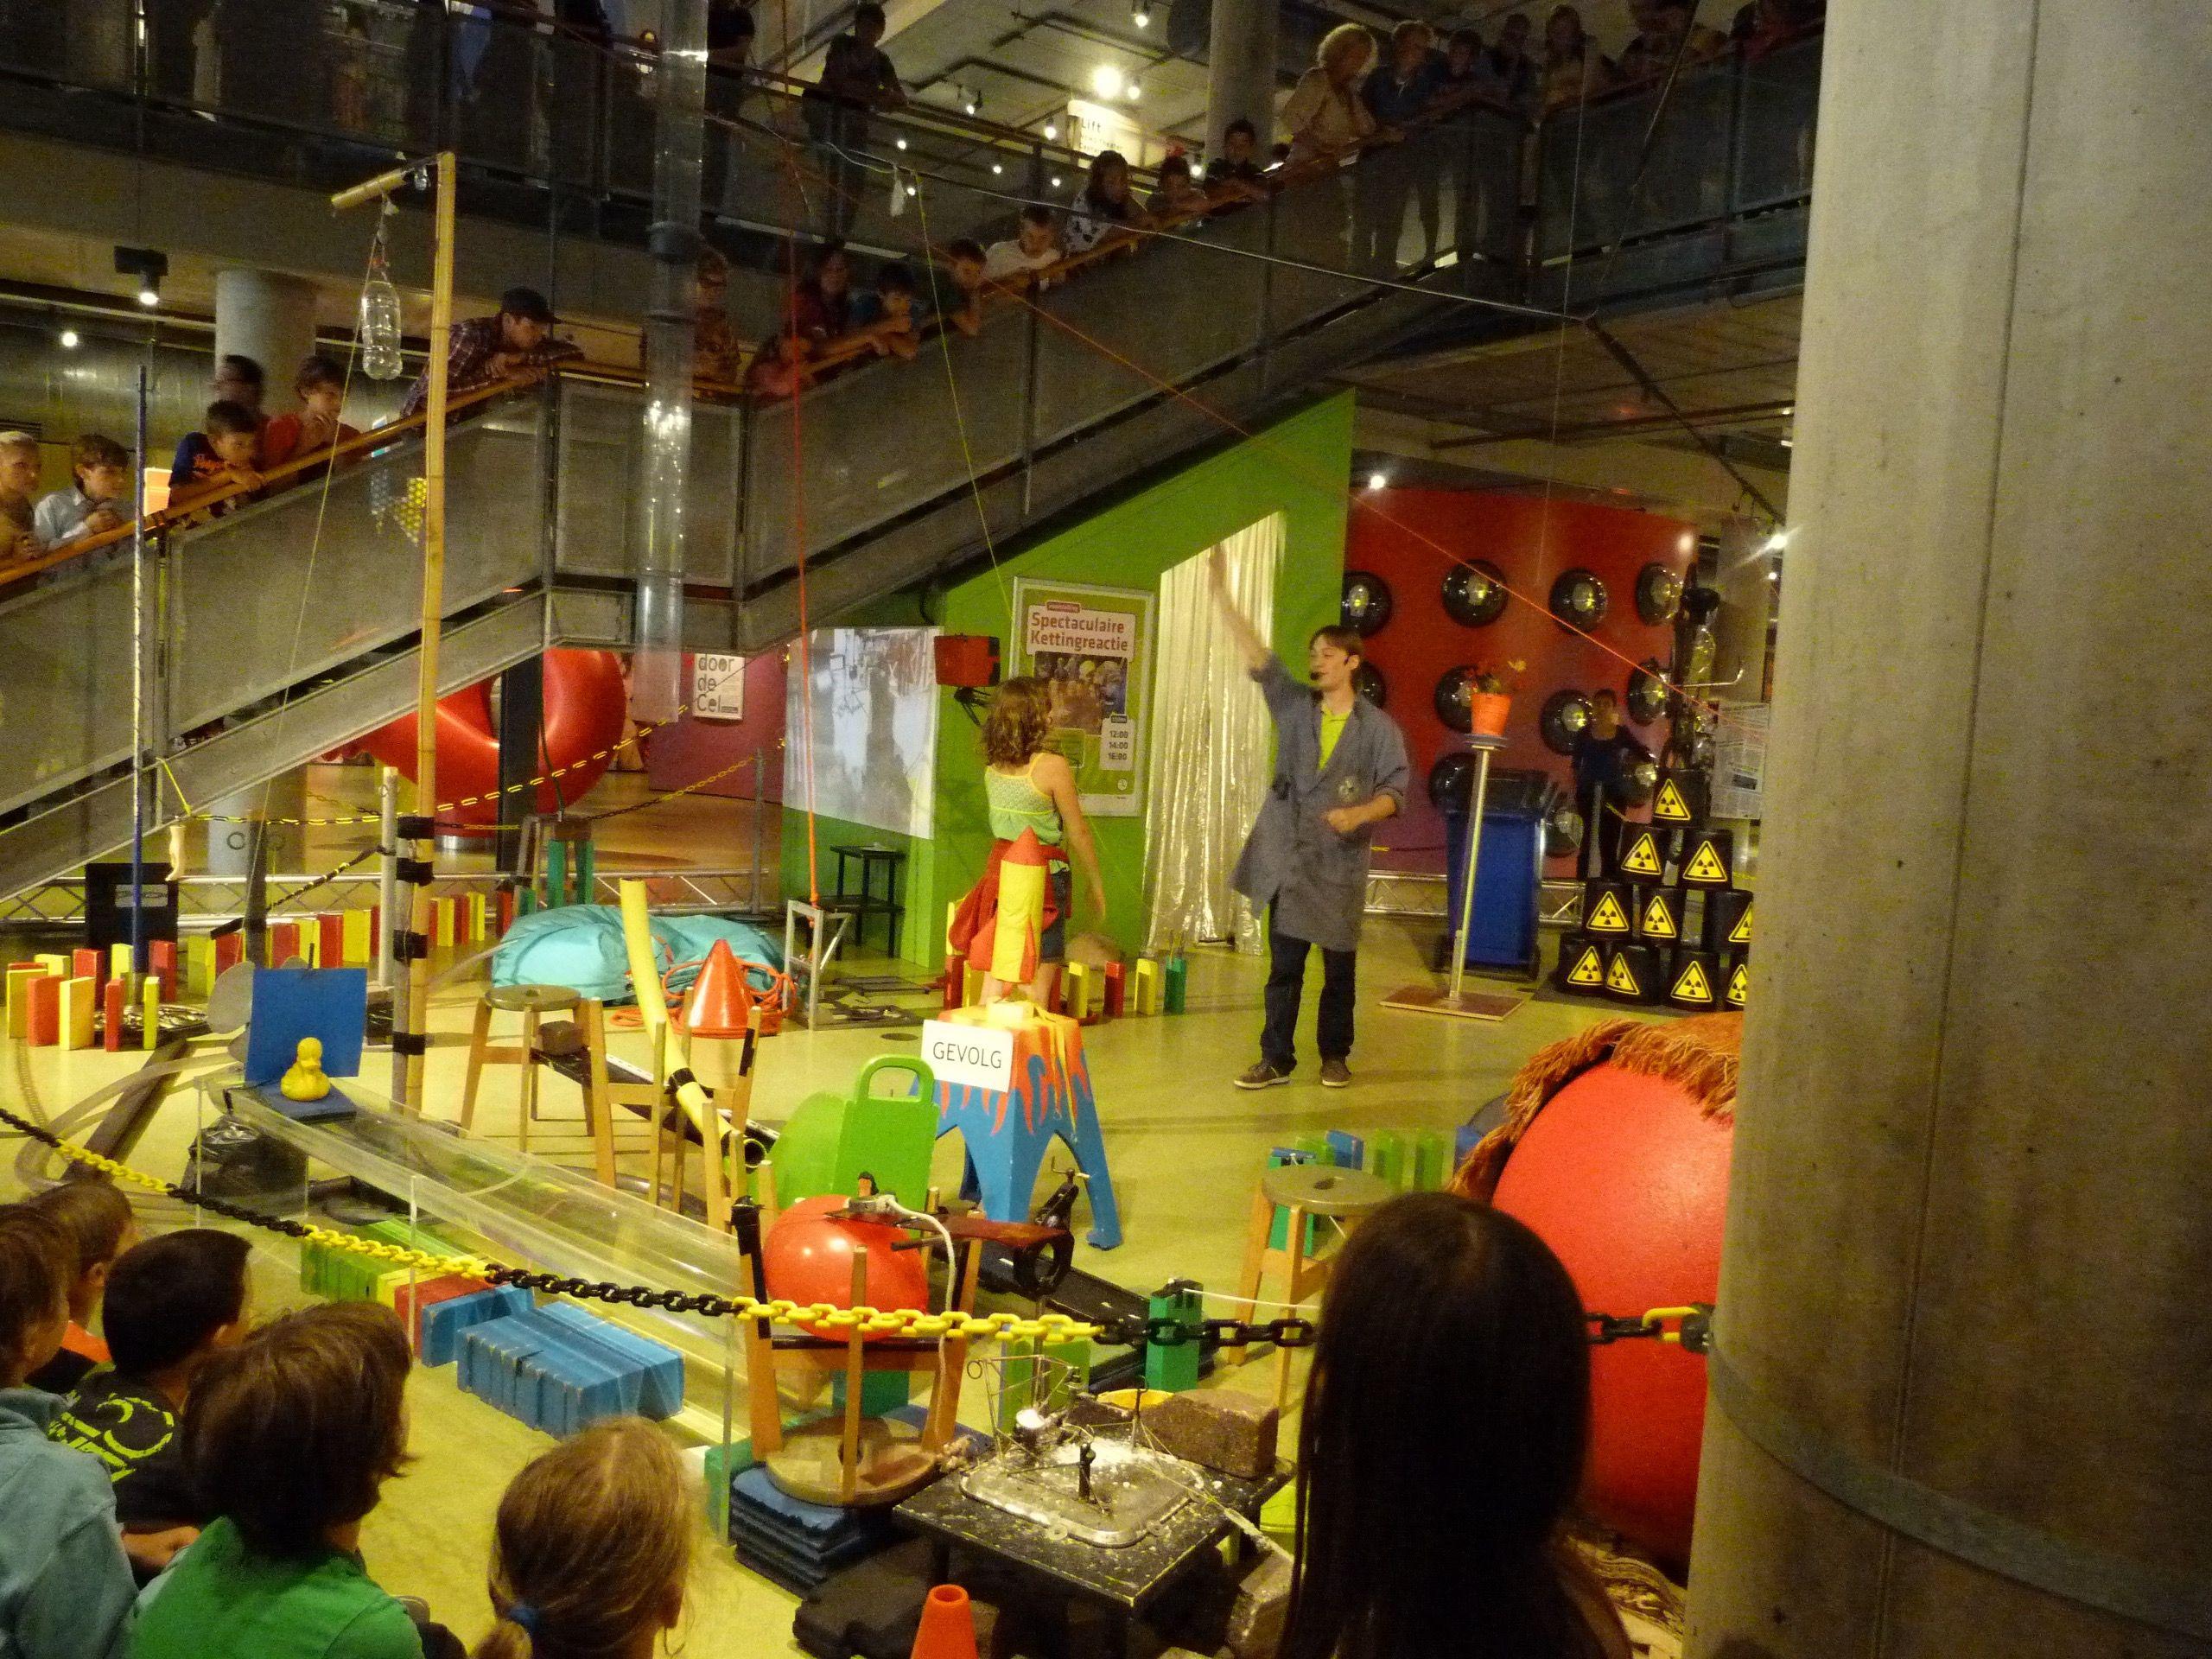 Visita al museo de la ciencia Nemo en Amsterdam